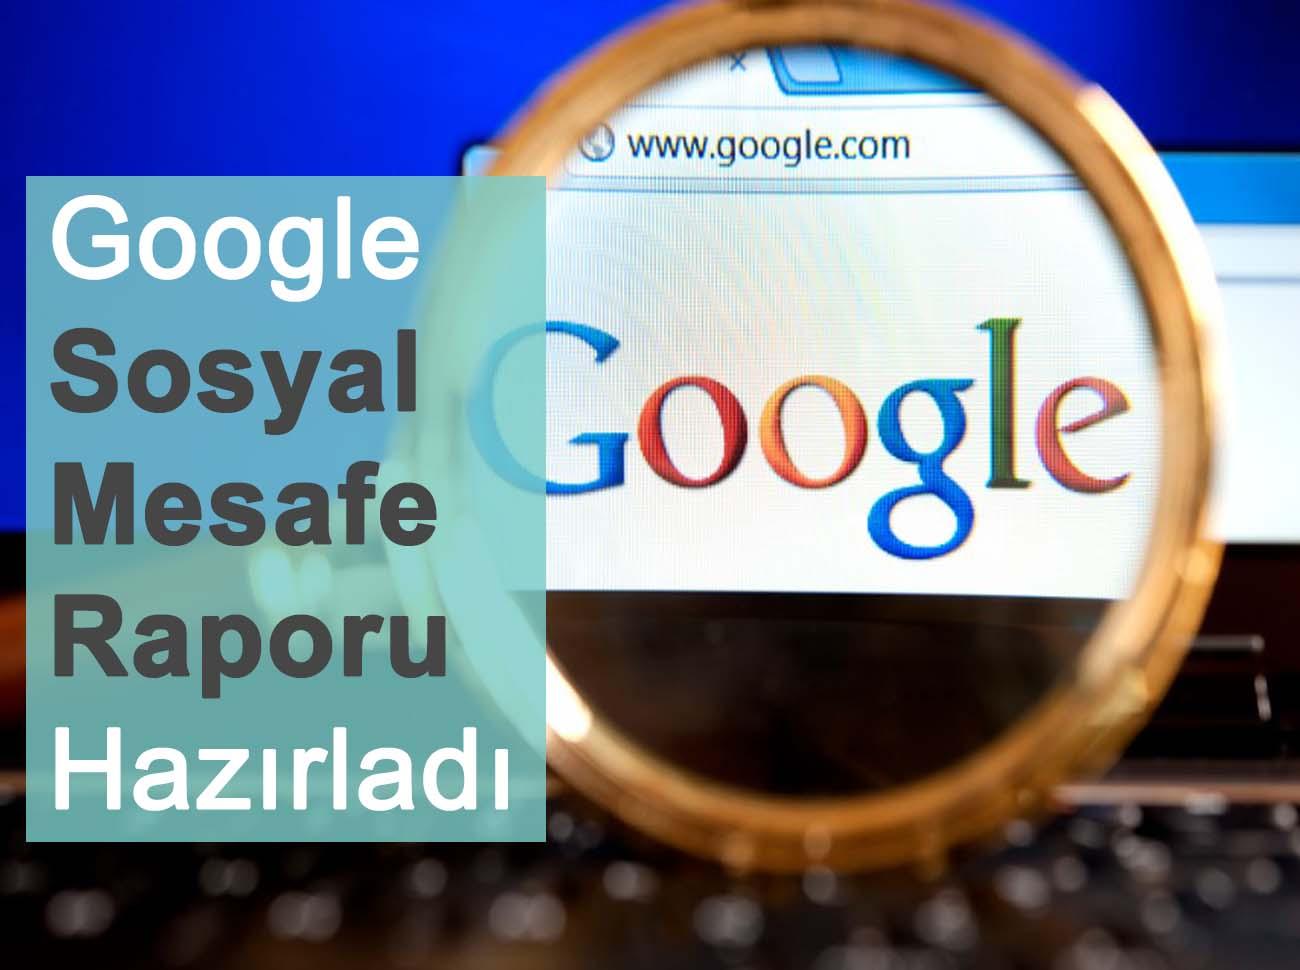 Google Sosyal Mesafe Raporu Yayınladı